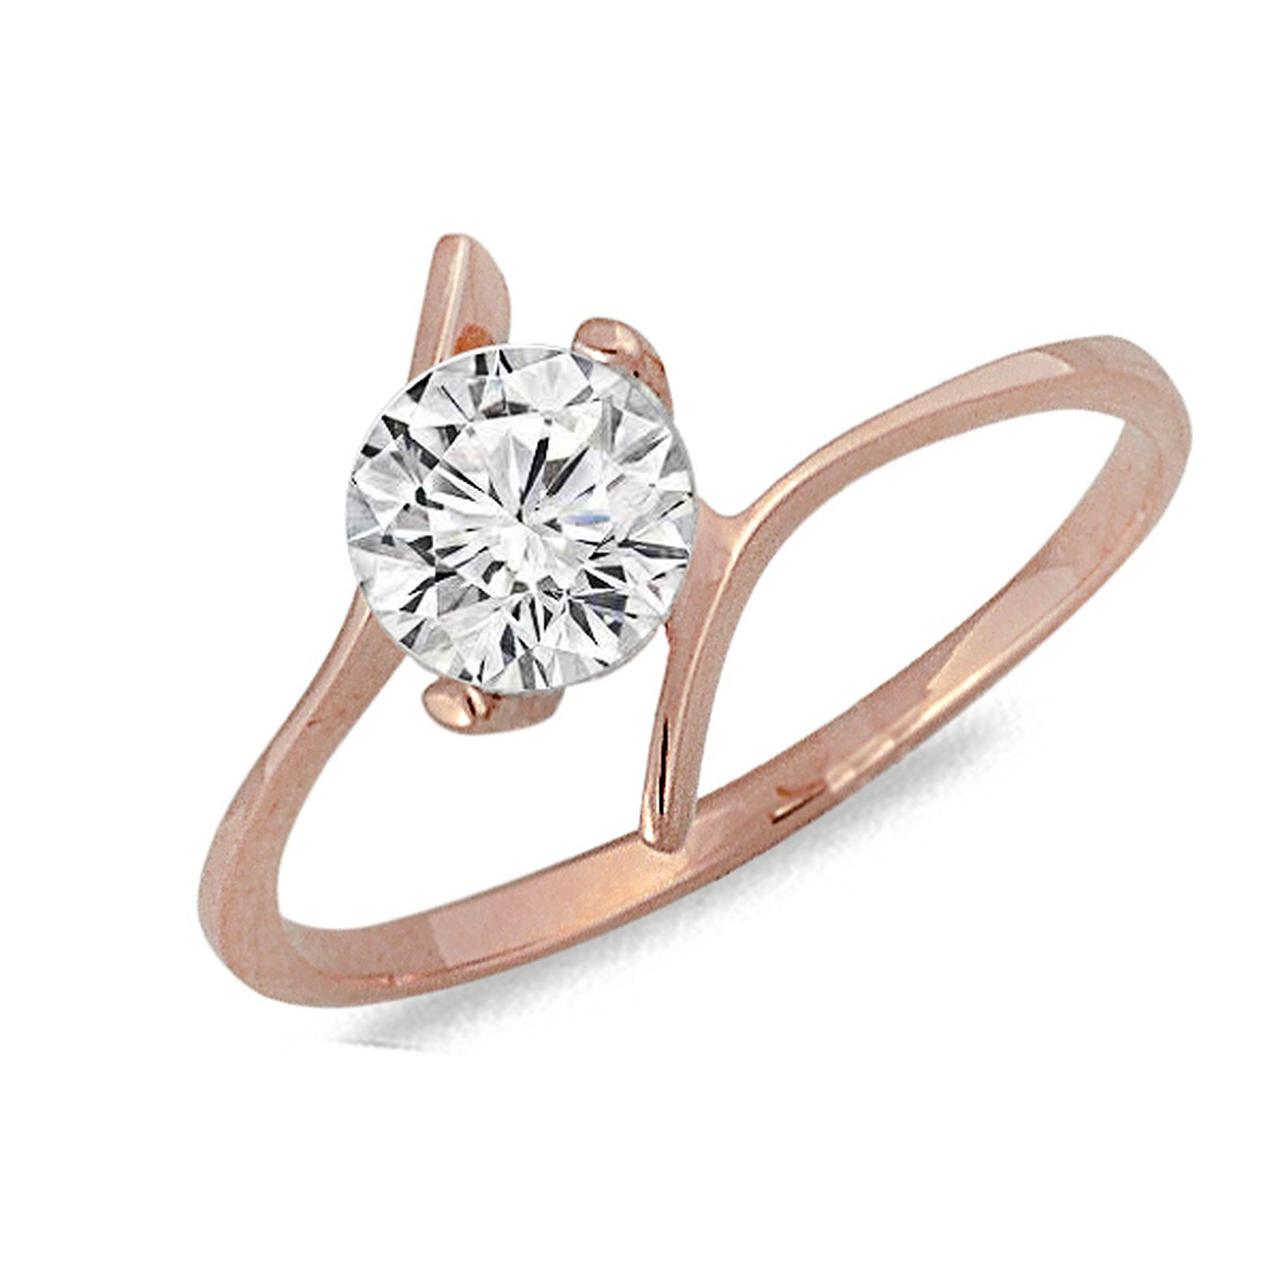 Золотое кольцо с куб. цирконием, размер 16.5 (040470)